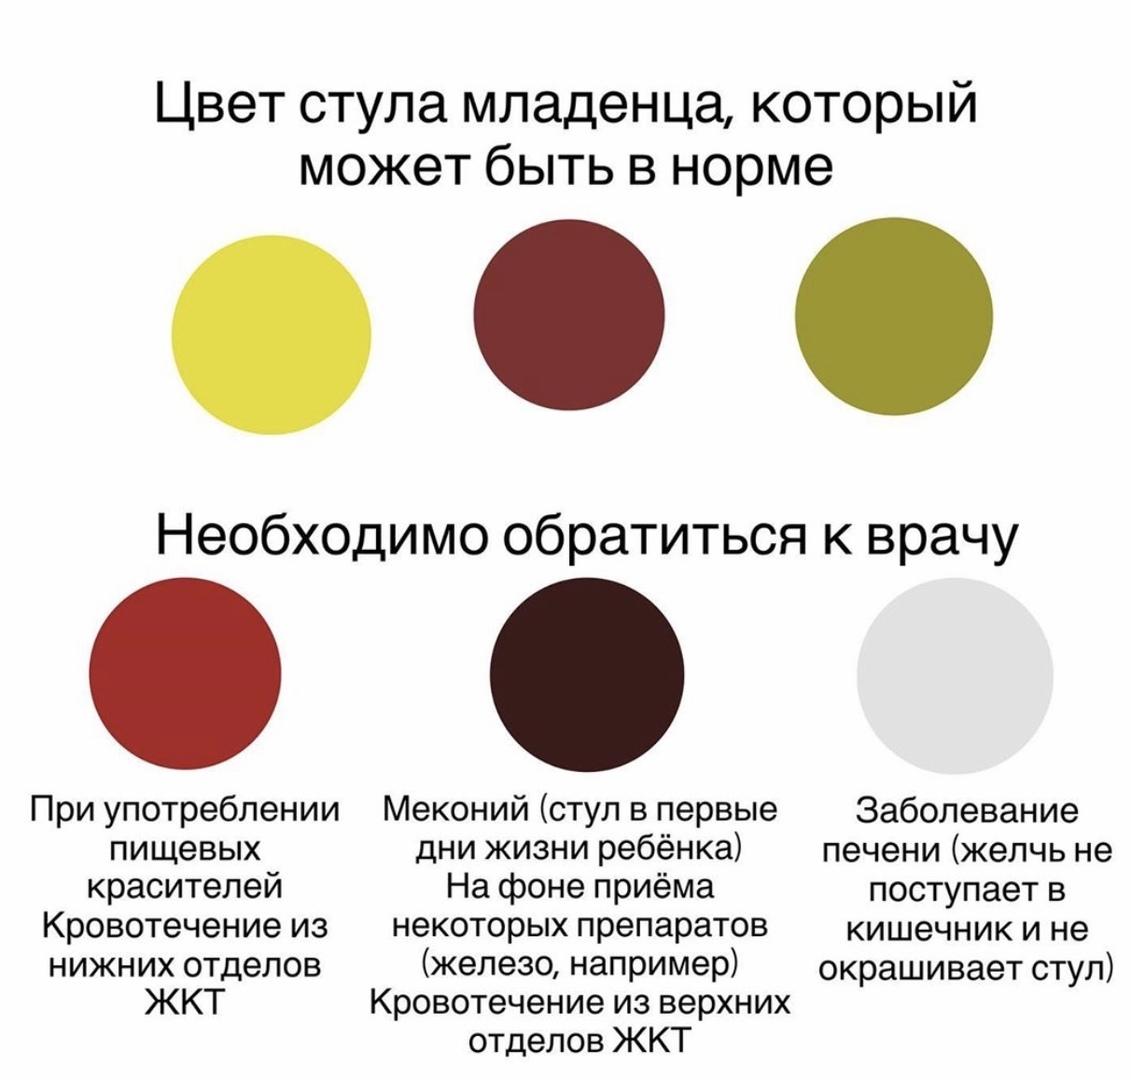 цвет стула